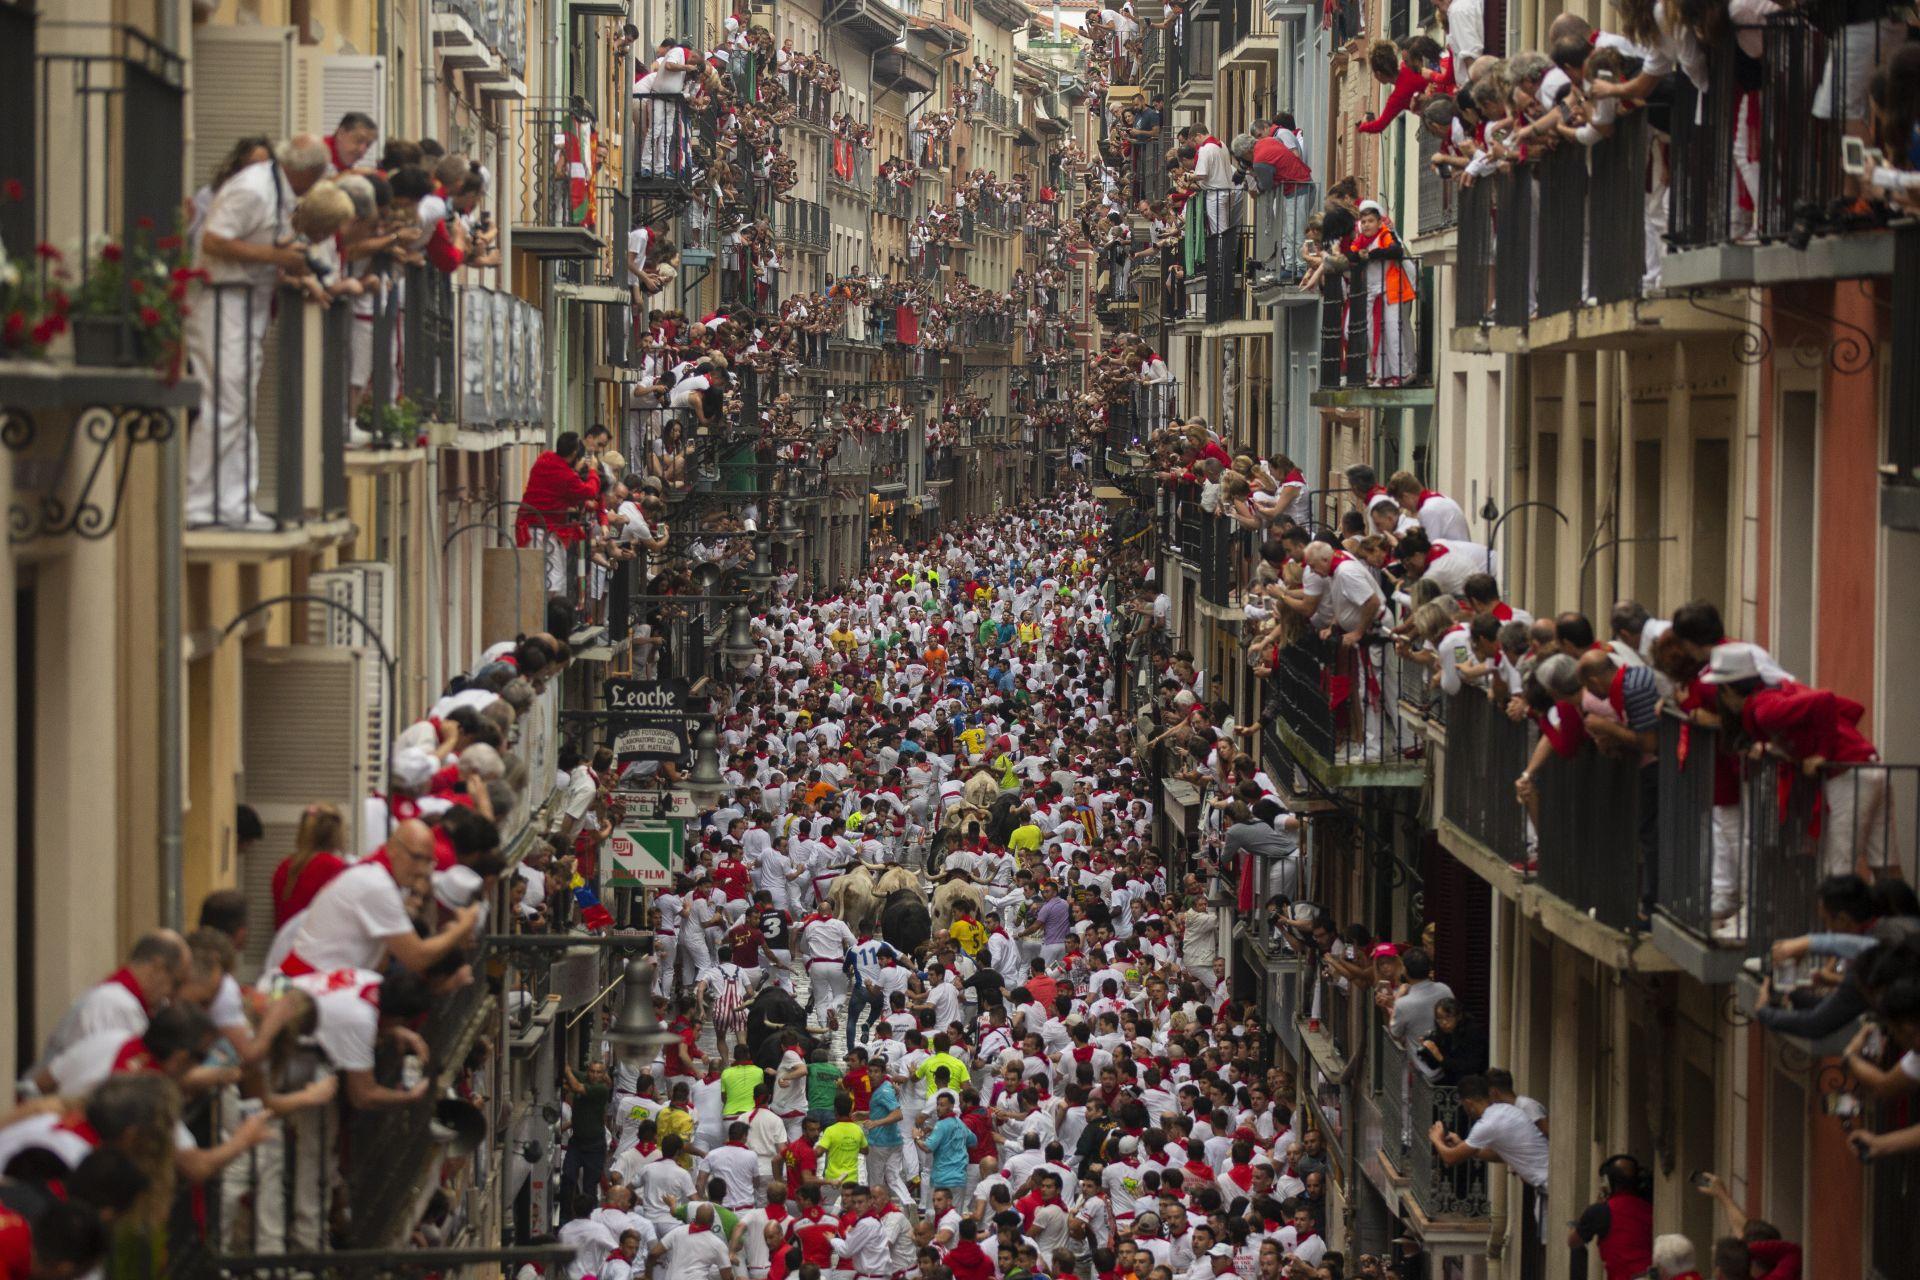 7 юли - хиляди испанци и туристи се наслаждаваха на втория ден от фестивала Сан Фермин в Памплона, обезсмъртен от Ърнест Хемингуей